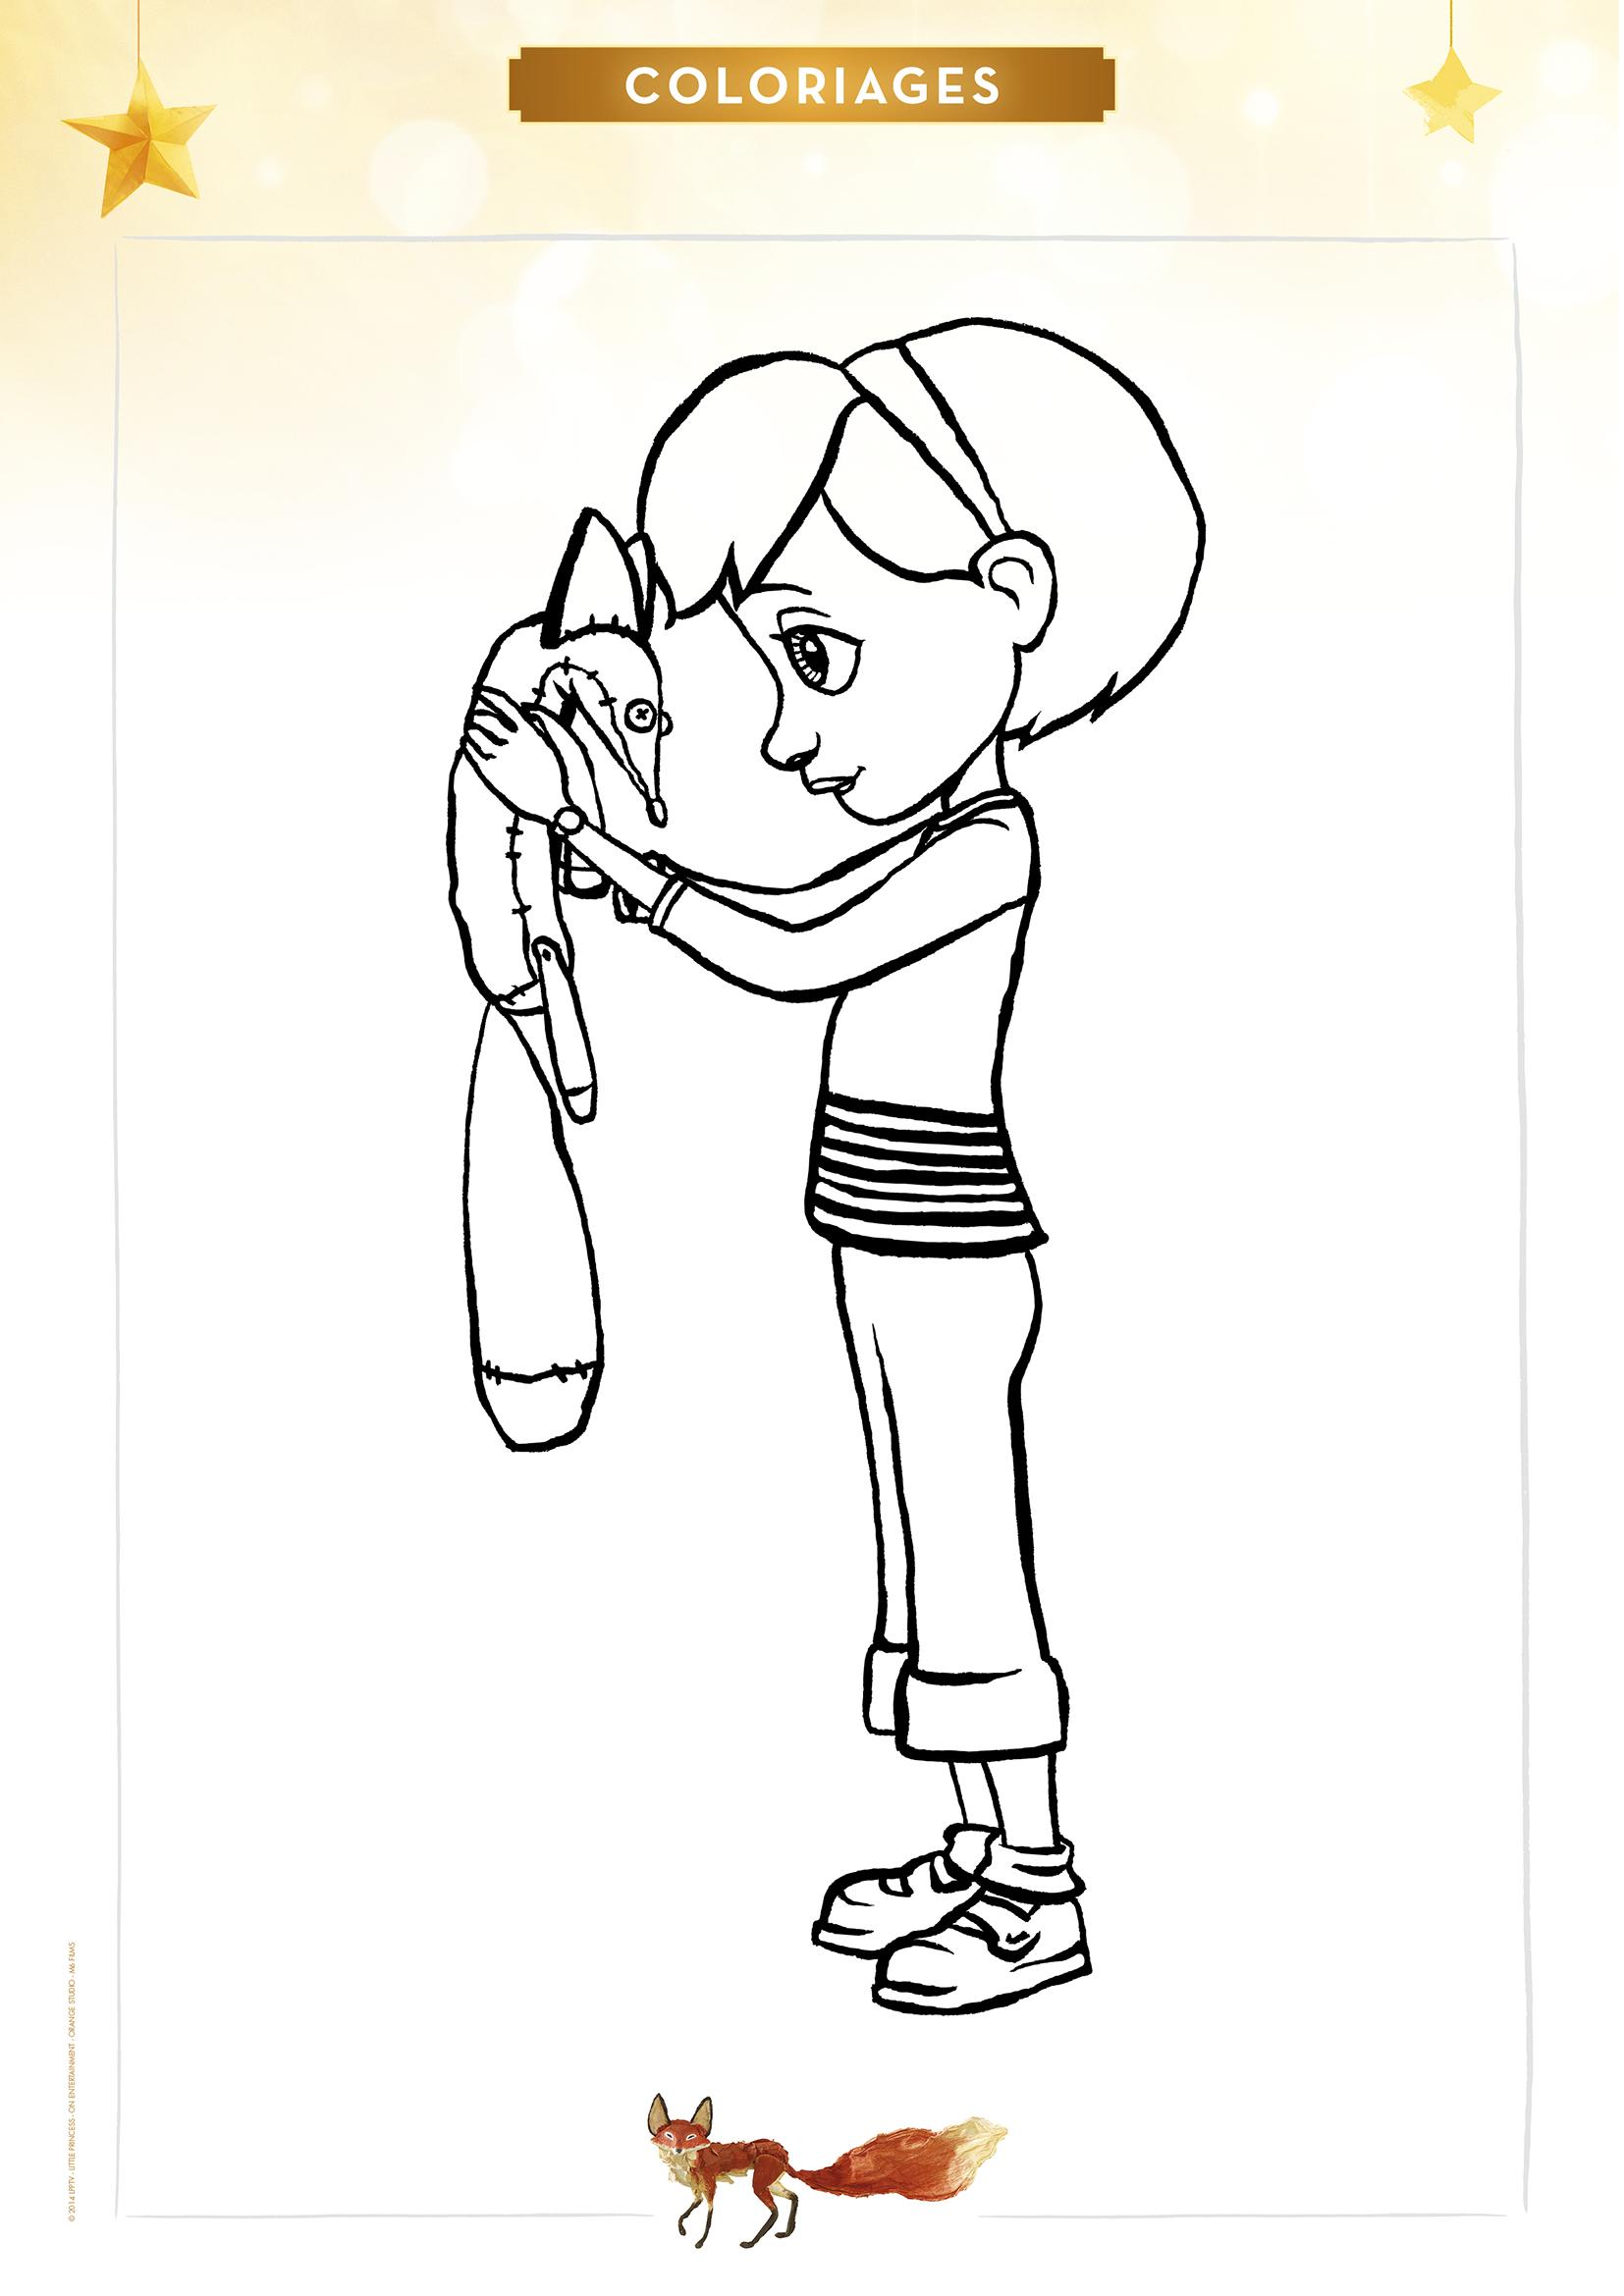 Coloriage la petite fille et le renard - Renard en dessin ...